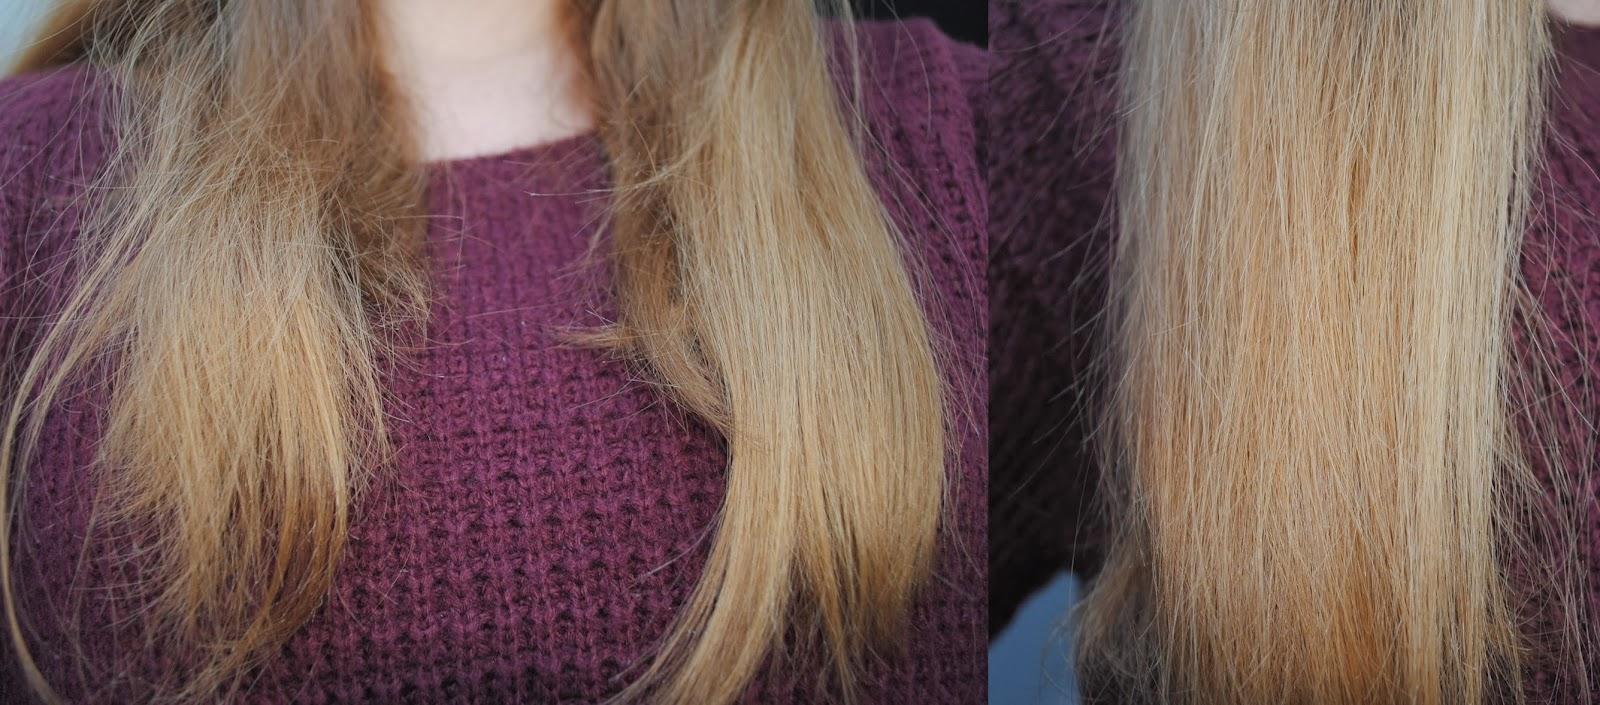 et voil ce stade jai vraiment beaucoup moins de reflets roux et beaucoup plus de blonds dans mes cheveux - Gele Claircissante Garnier Sur Cheveux Colors